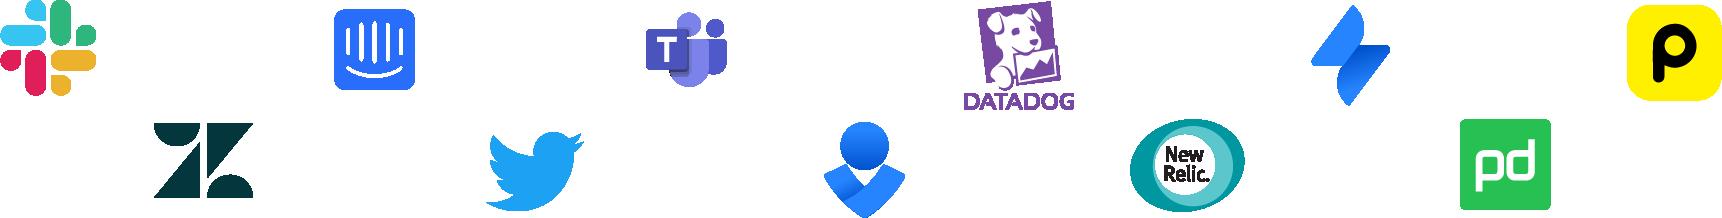 Statuspage verbinden